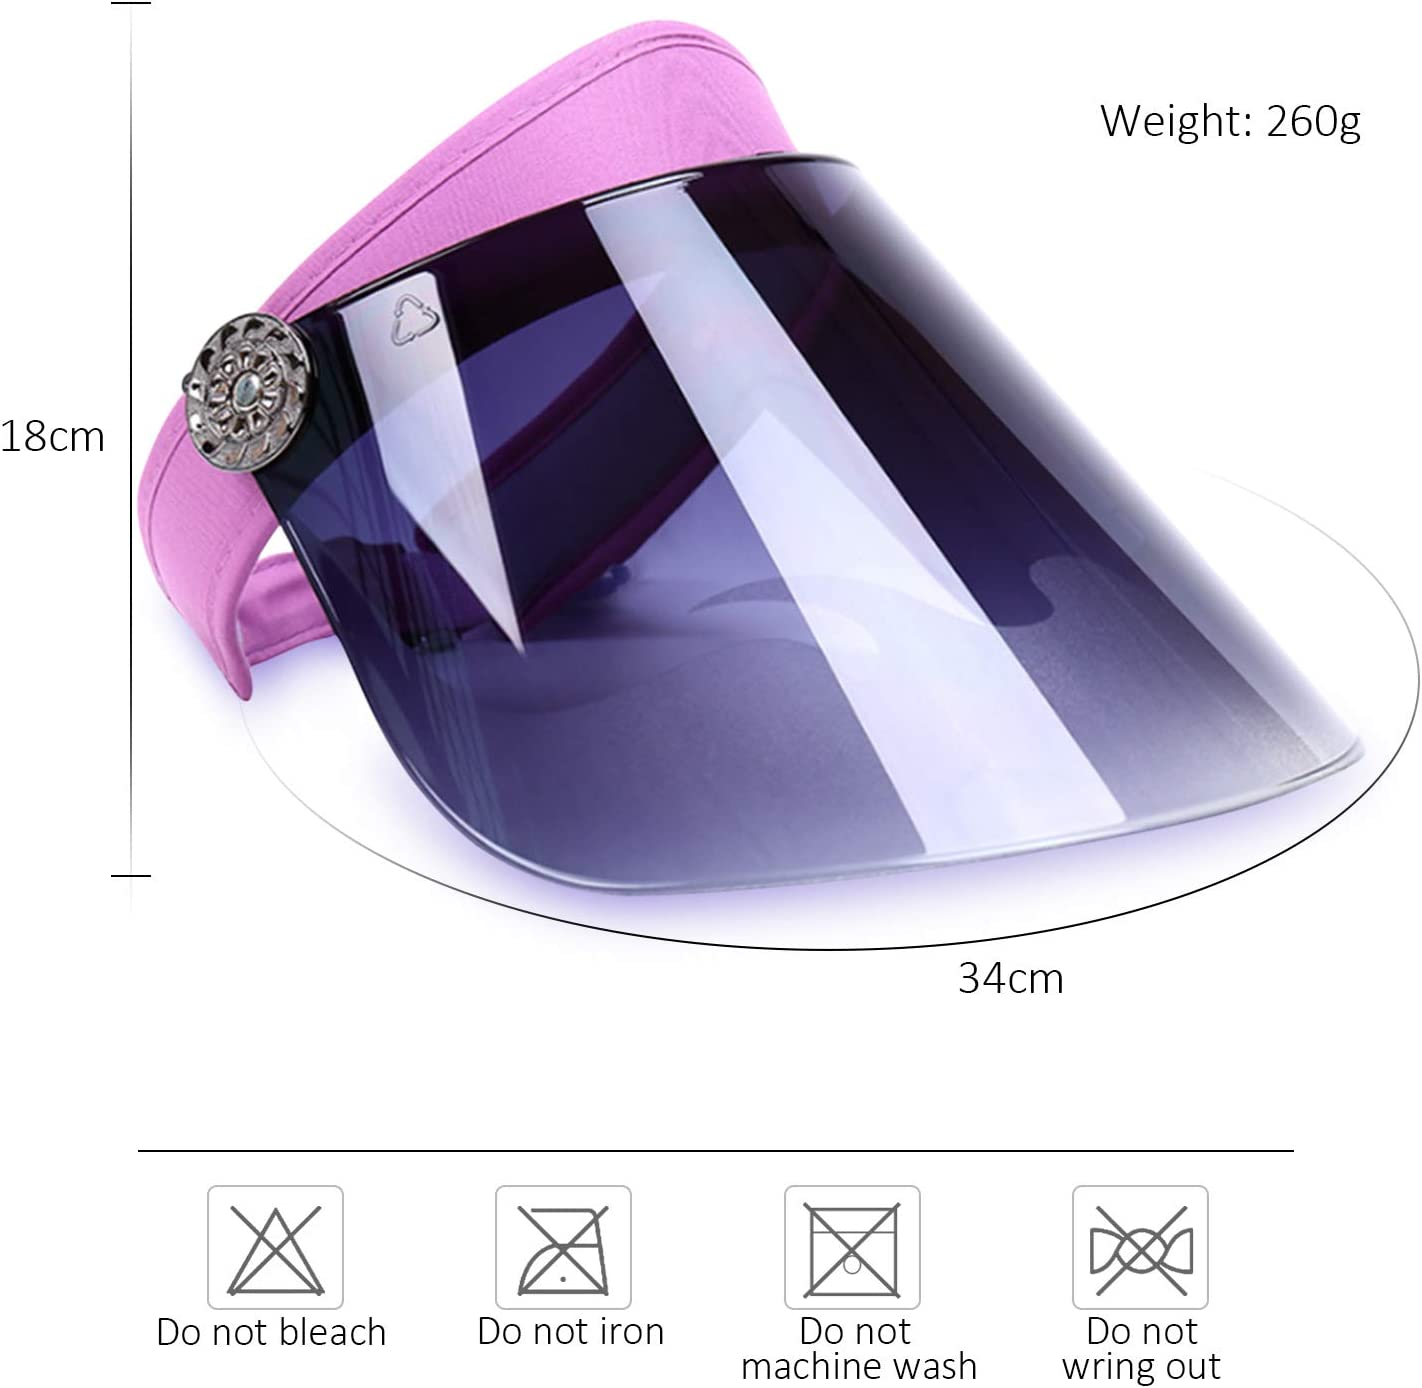 DORRISO Nuovo Cappello Protezione Solare Visiera Anti-UV/Viaggio Equitazione Escursionismo Spiaggia Unisex Berretto Tinta Unica,Taglia Unica